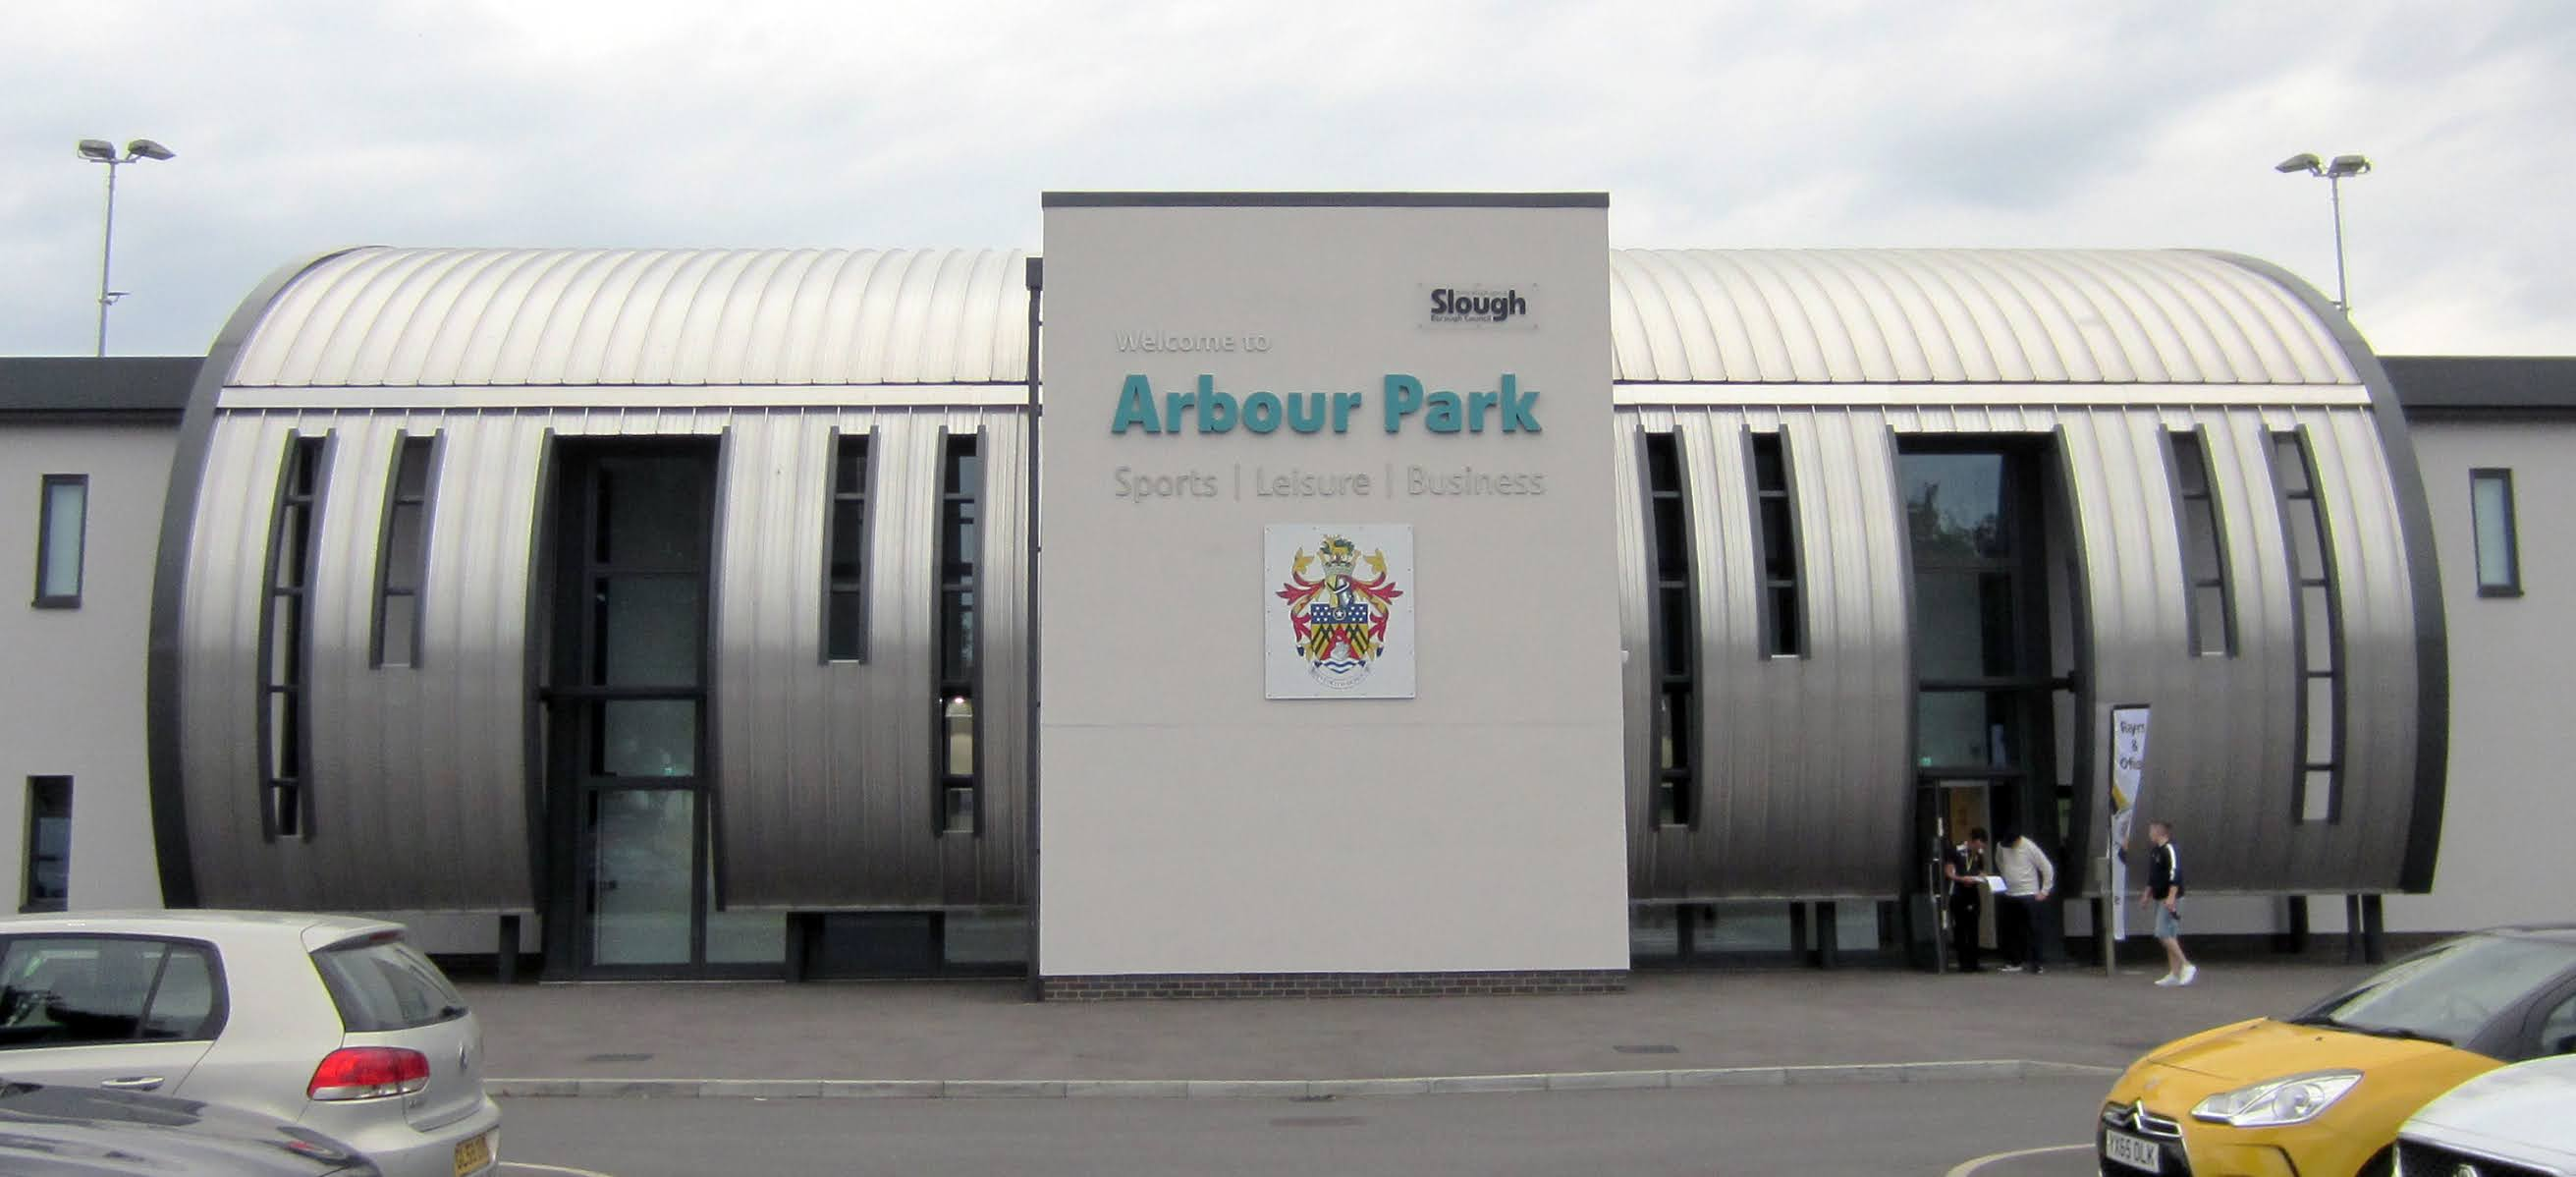 Outside Arbour Park, Slough